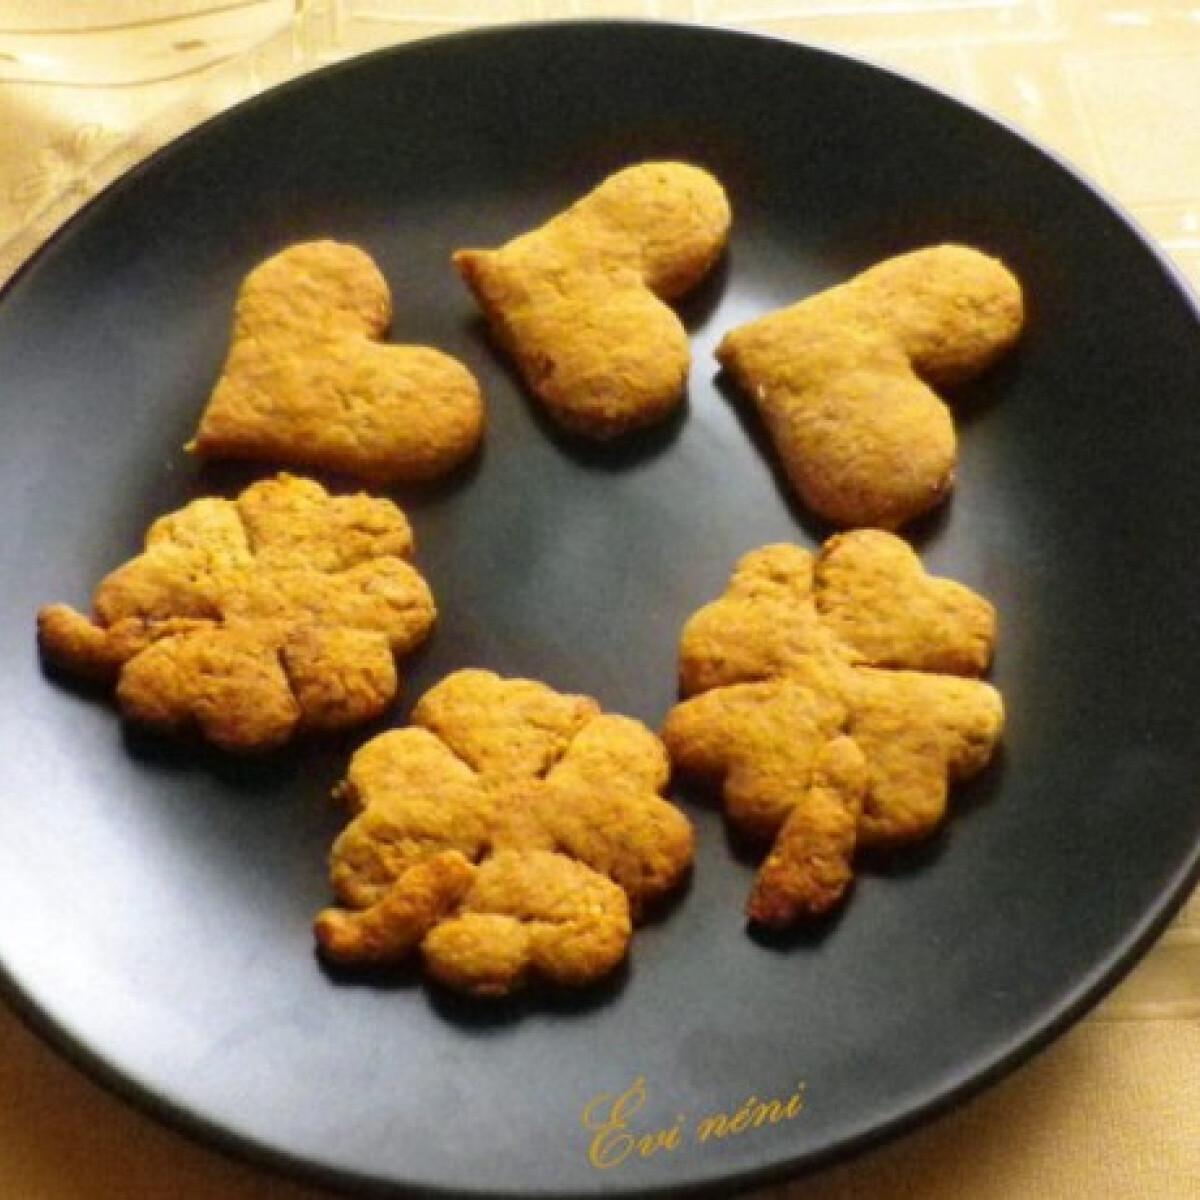 Gyömbéres keksz Évi nénitől